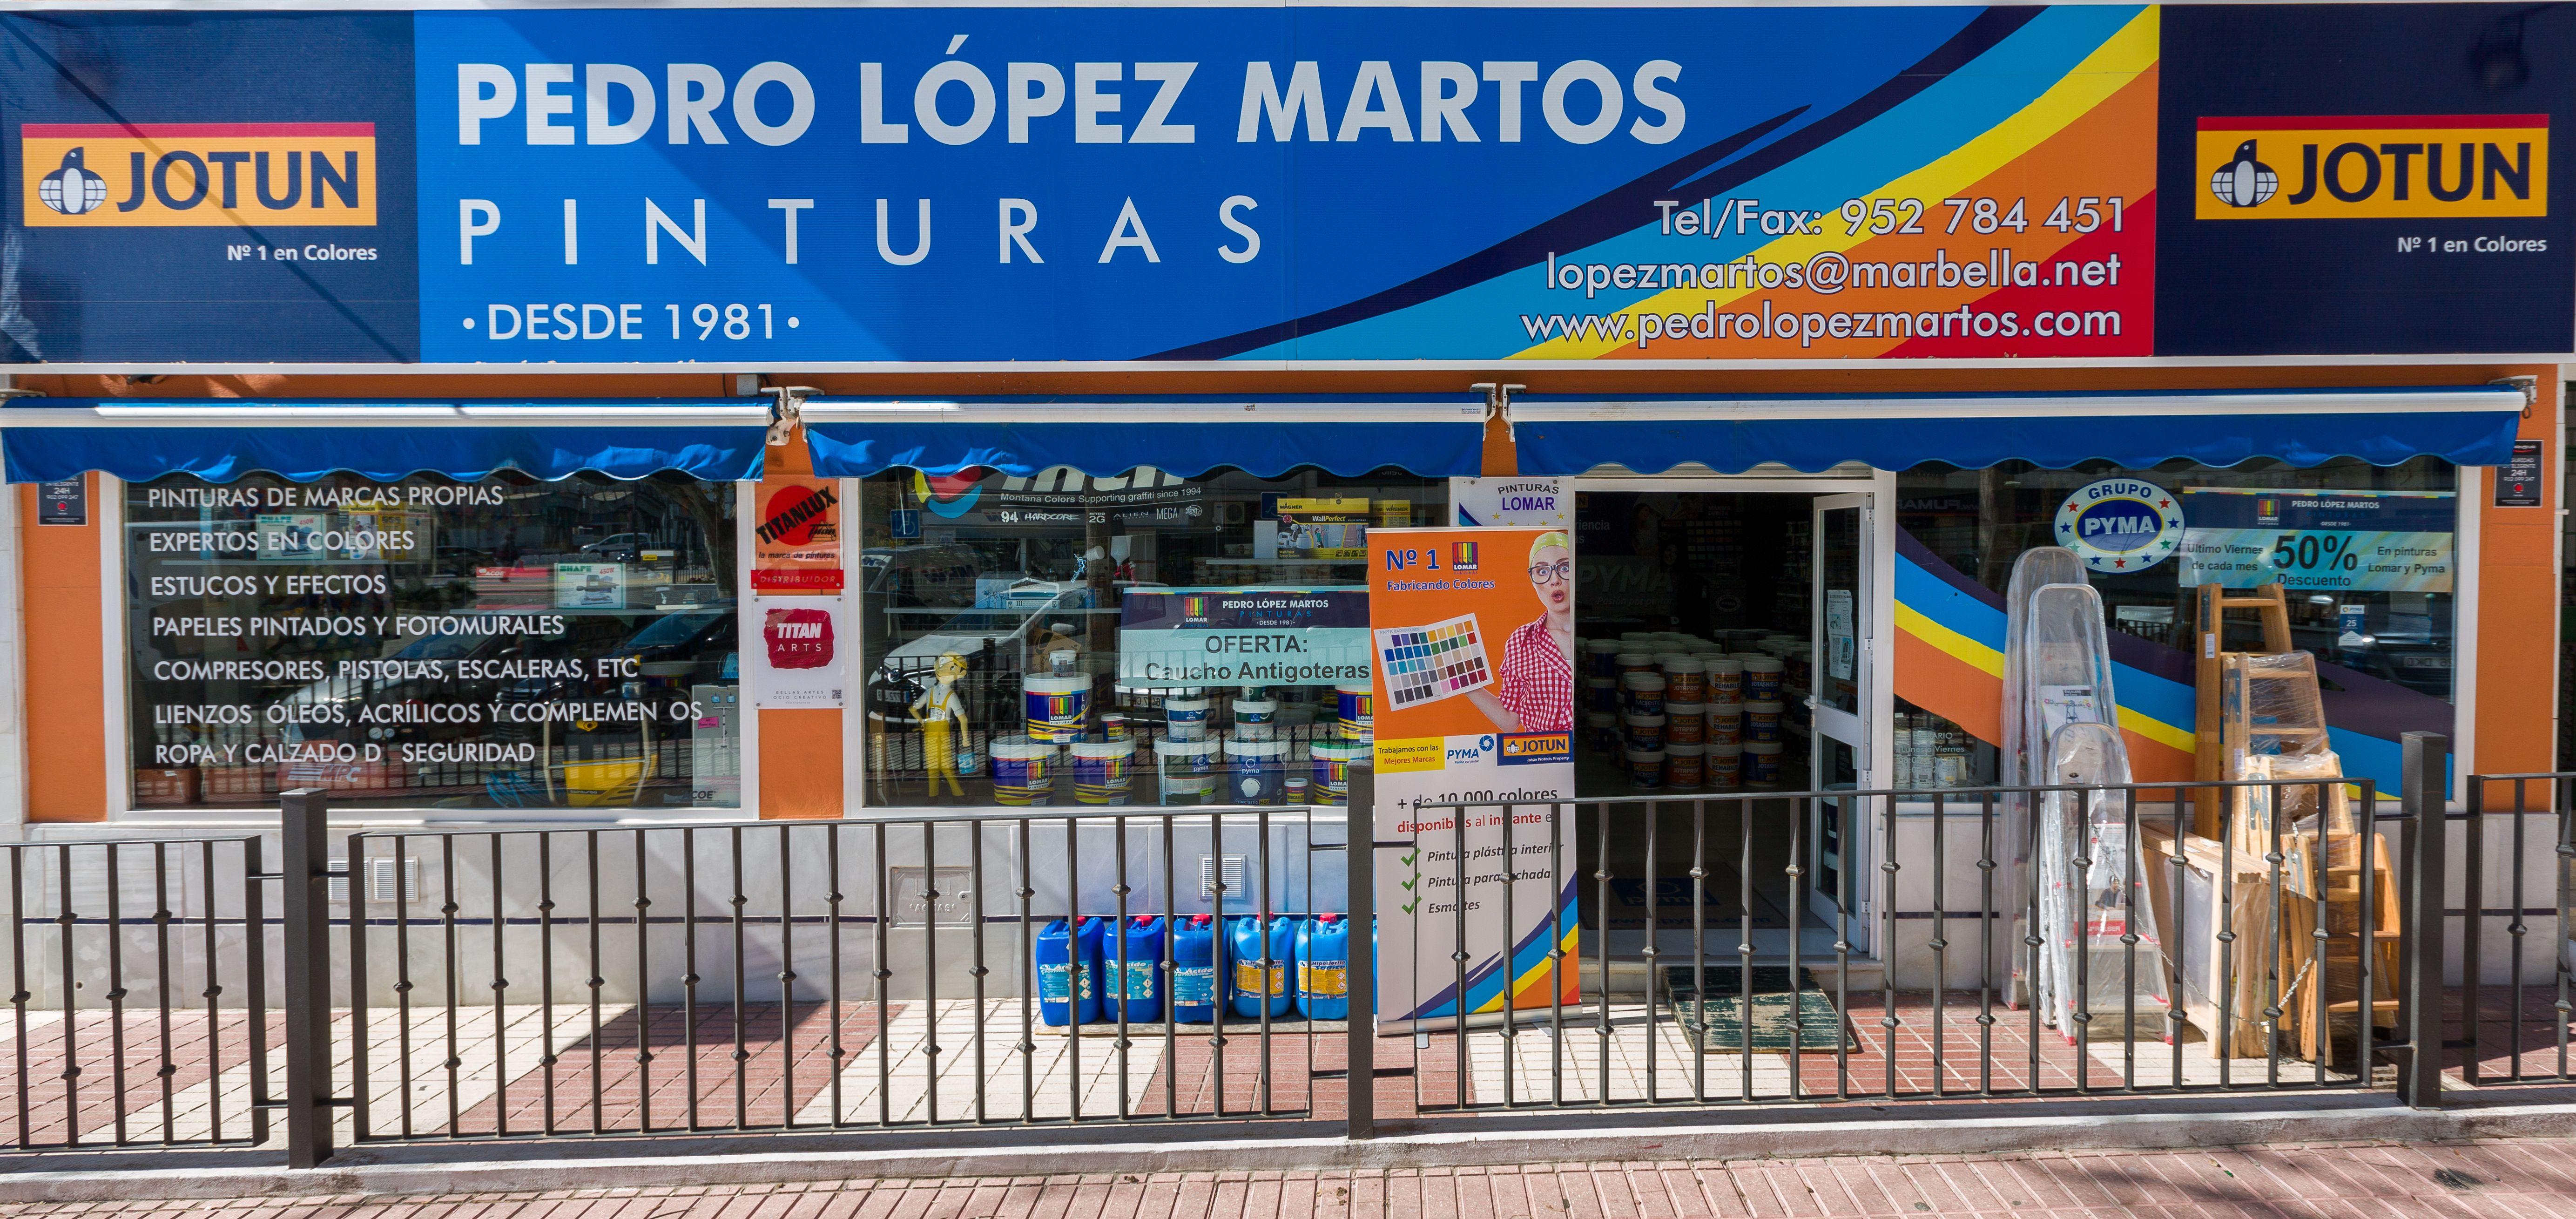 Foto 33 de Pinturas, barnices y papeles pintados en Marbella | Pinturas Pedro López Martos